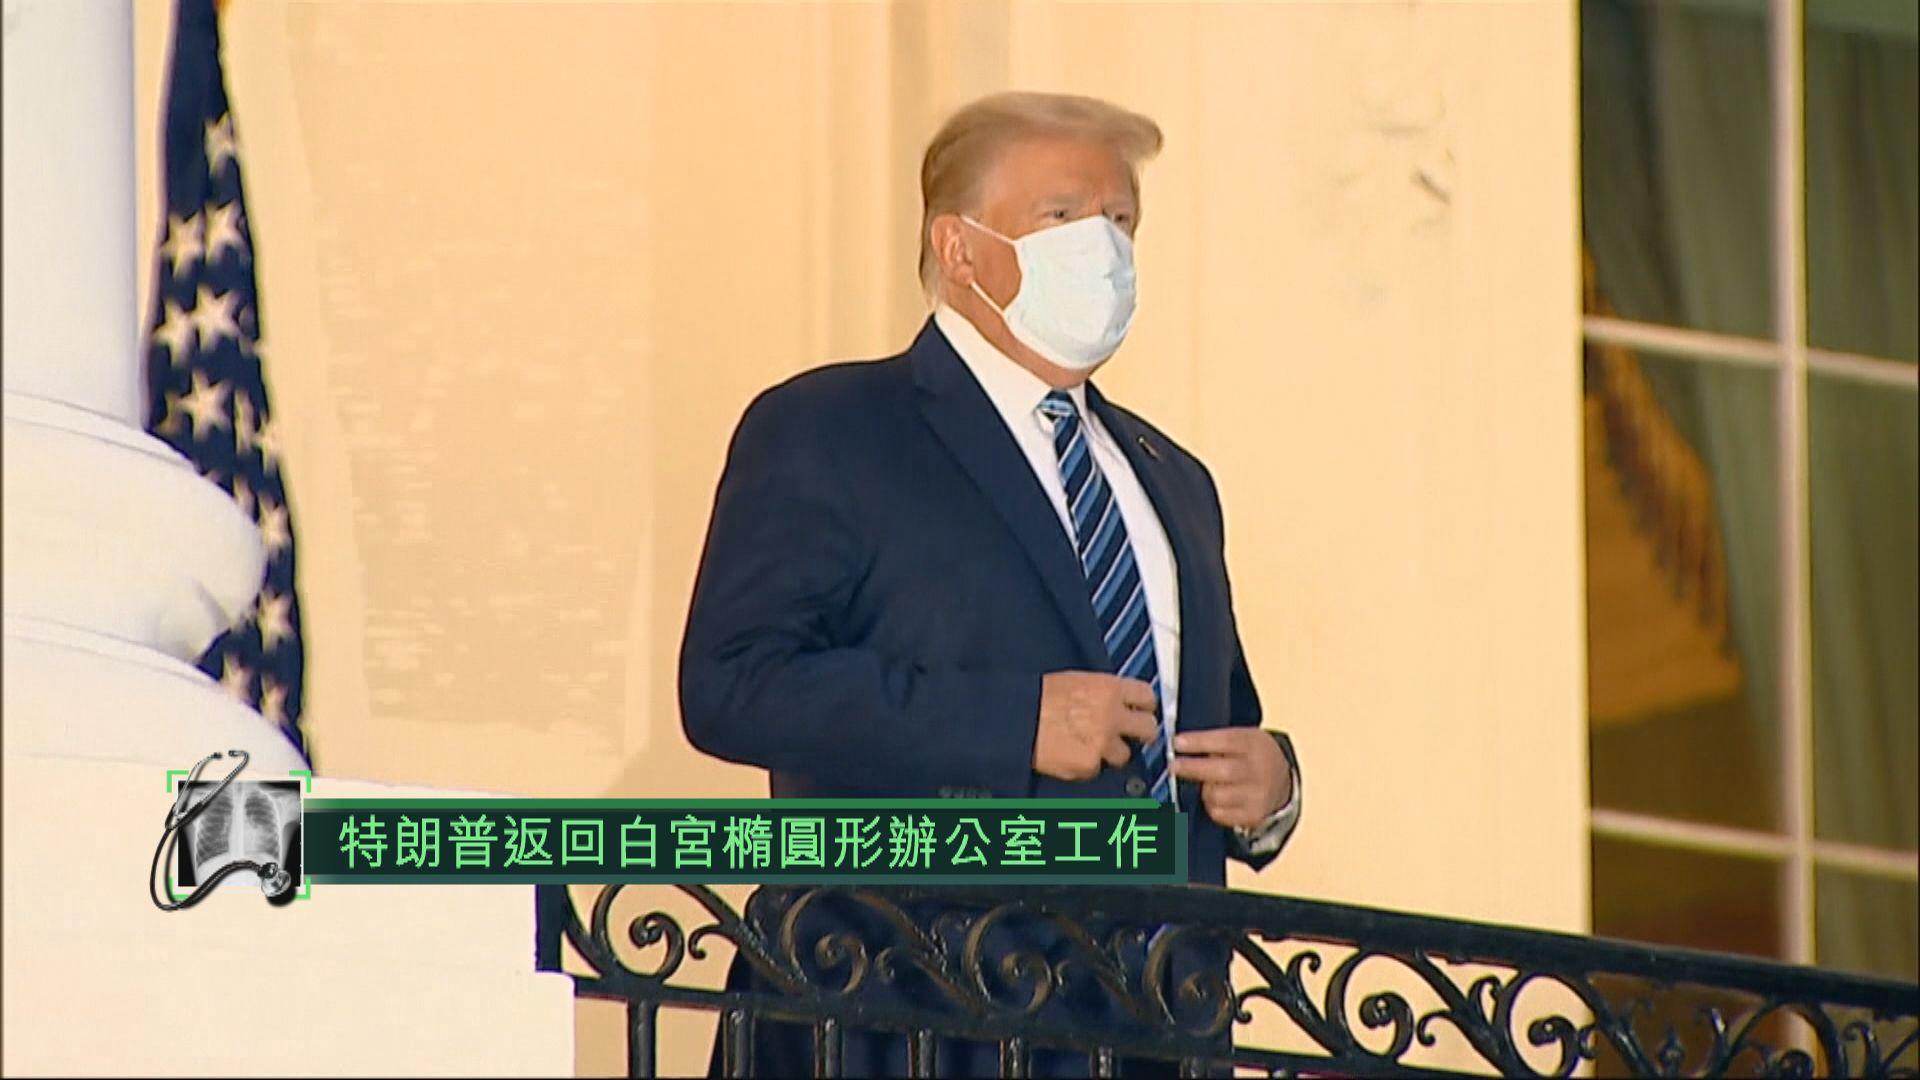 特朗普返回白宮橢圓形辦公室工作